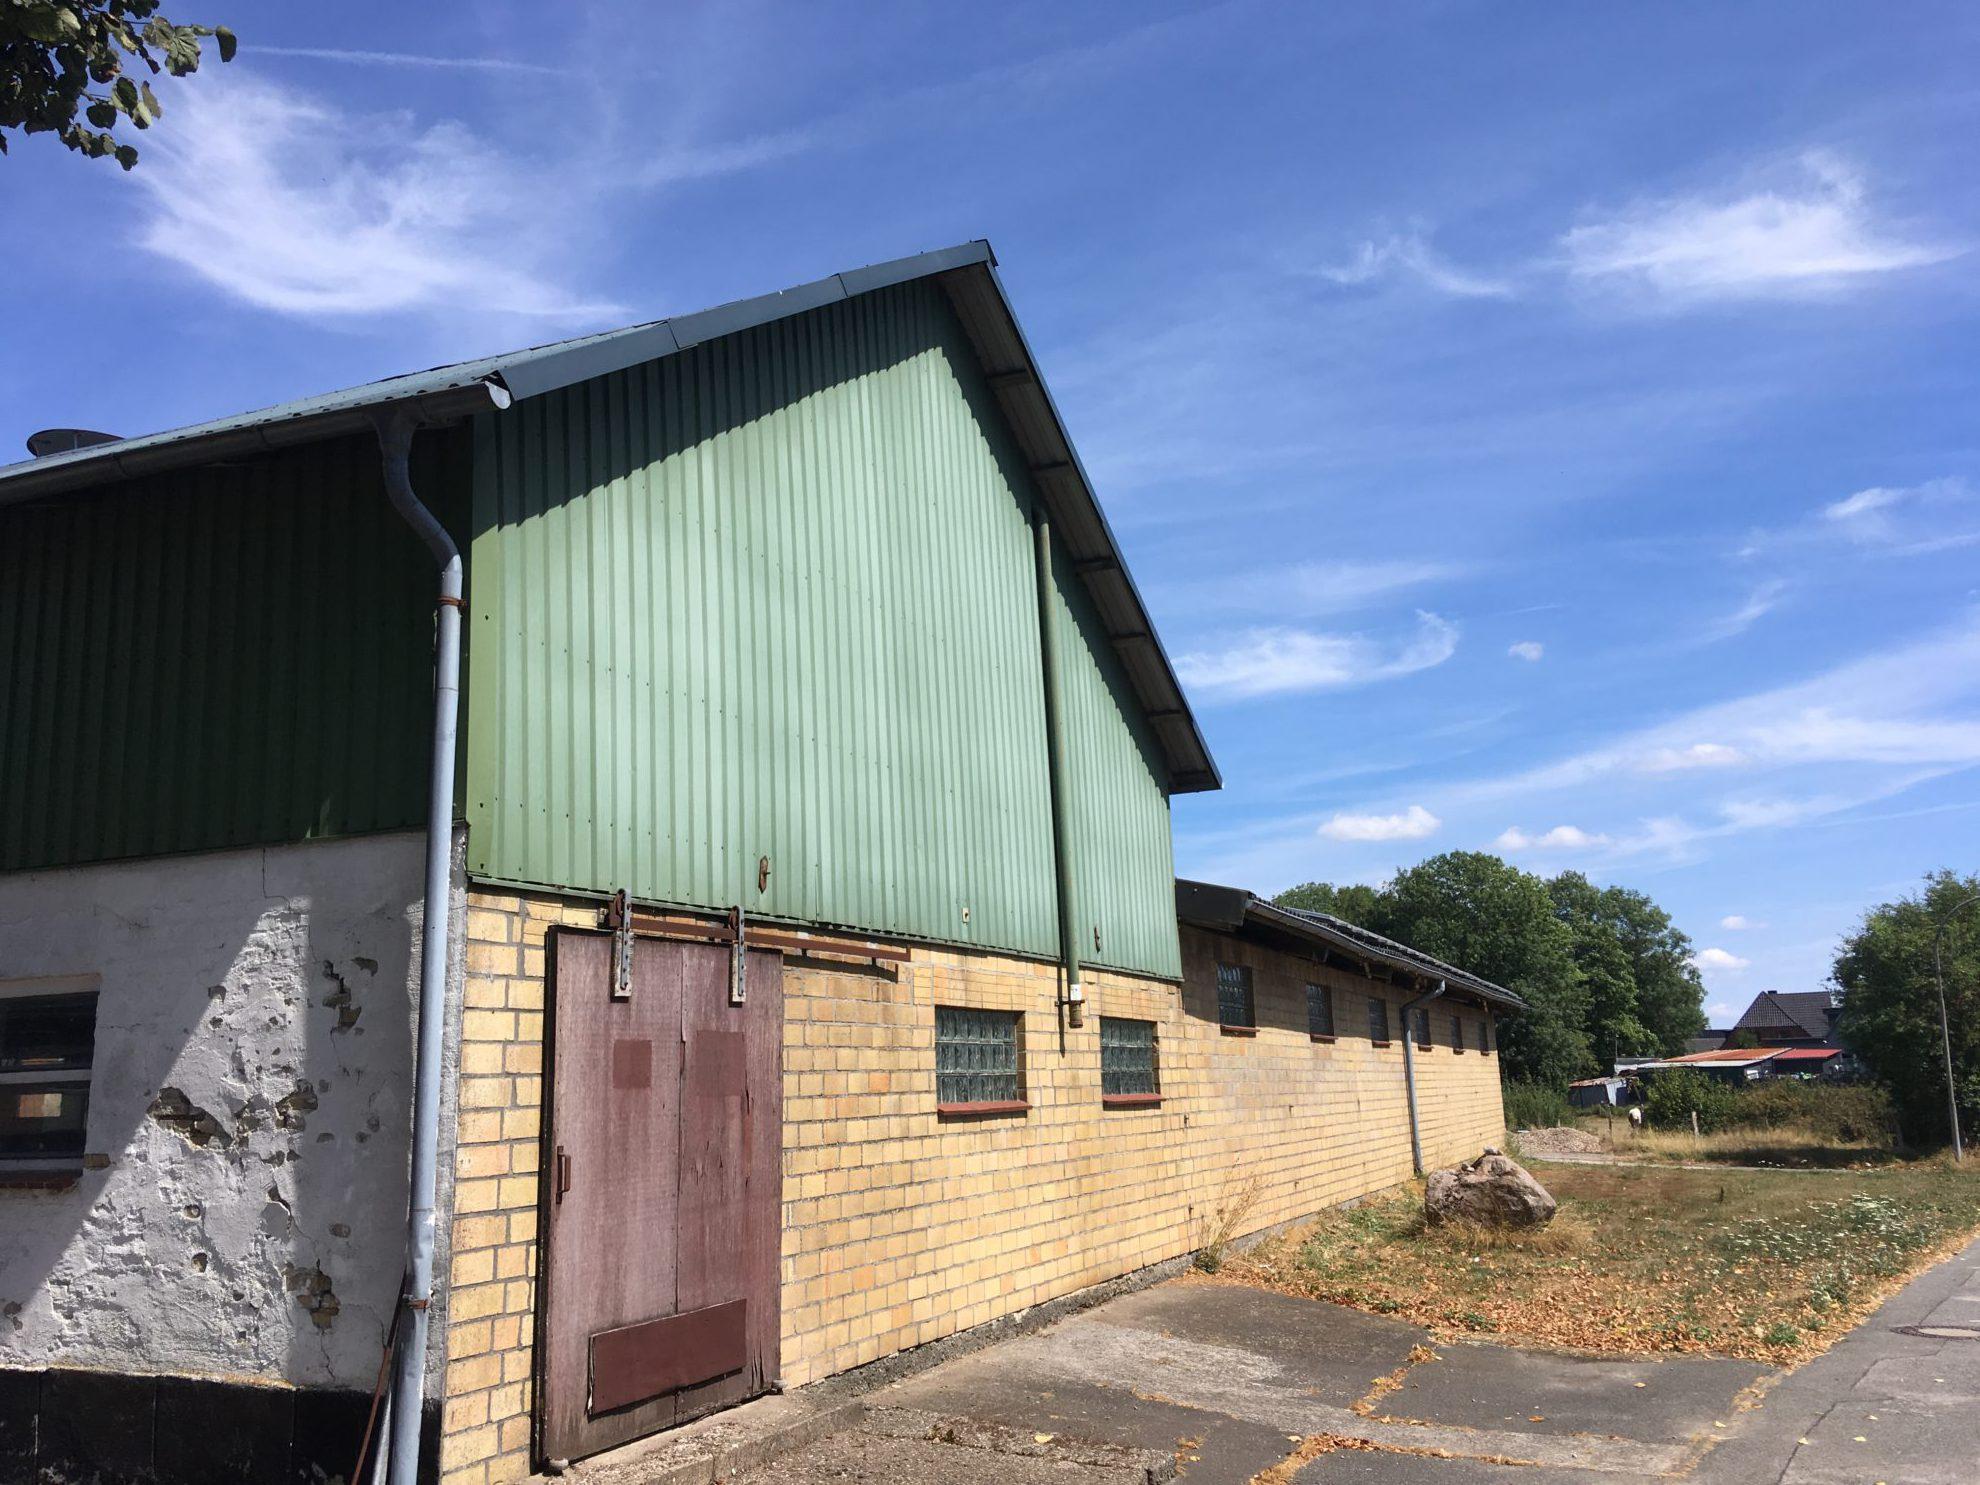 Umbau von Stallungen zu Wohnraum – Foto 1